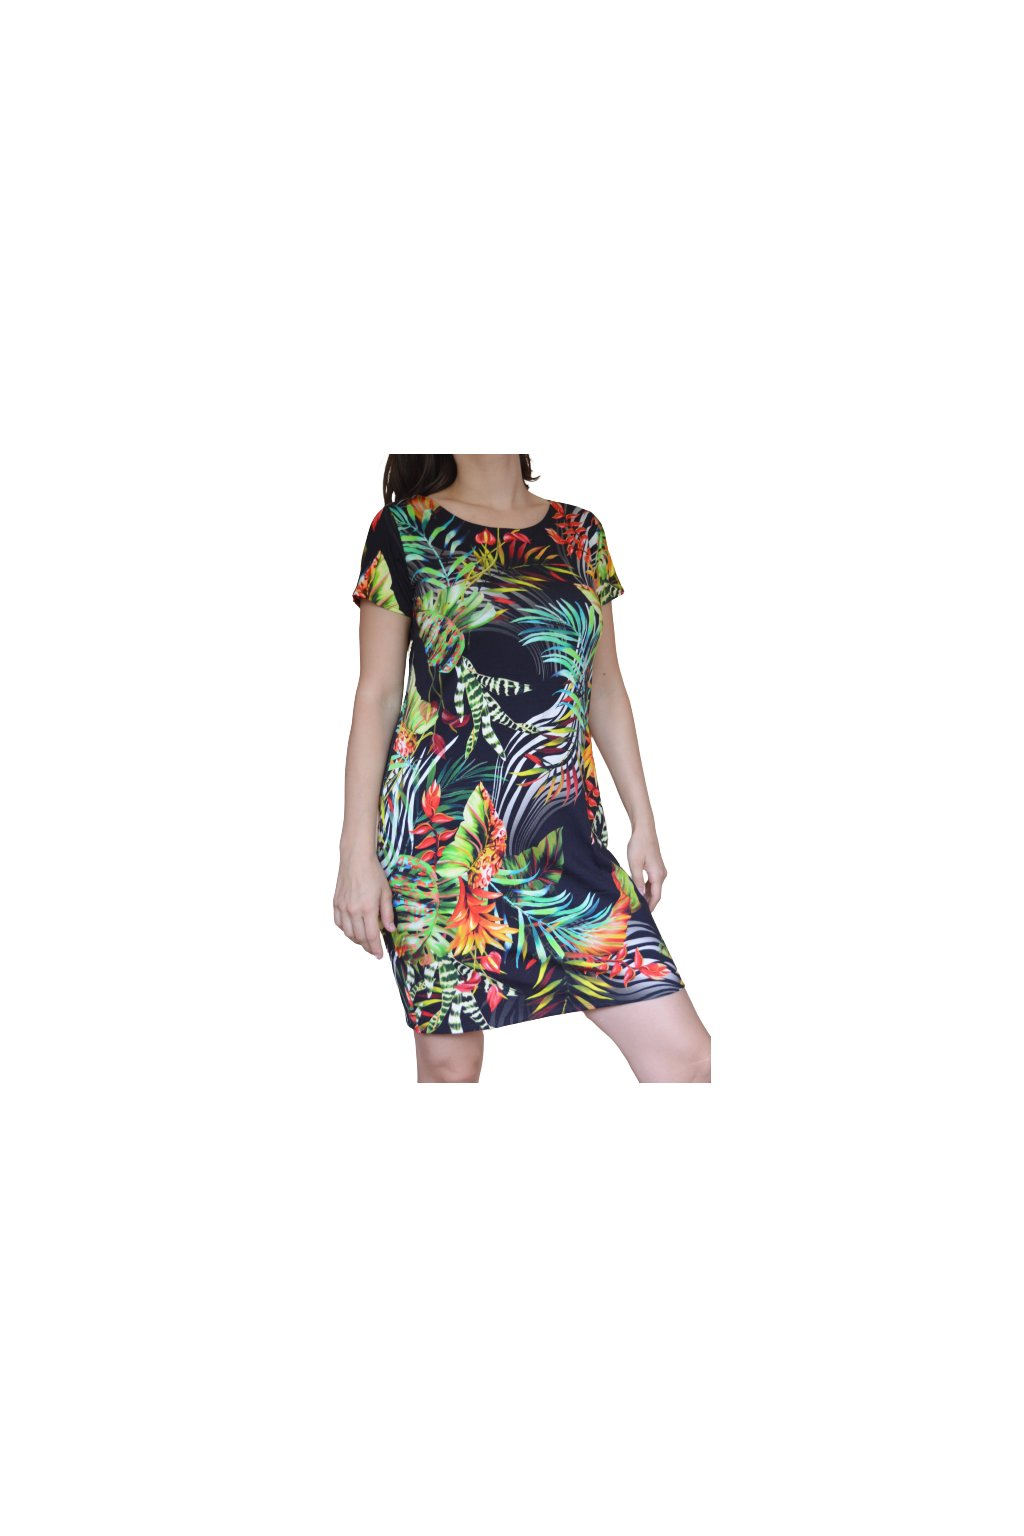 Šaty Leona deluxe - palmy